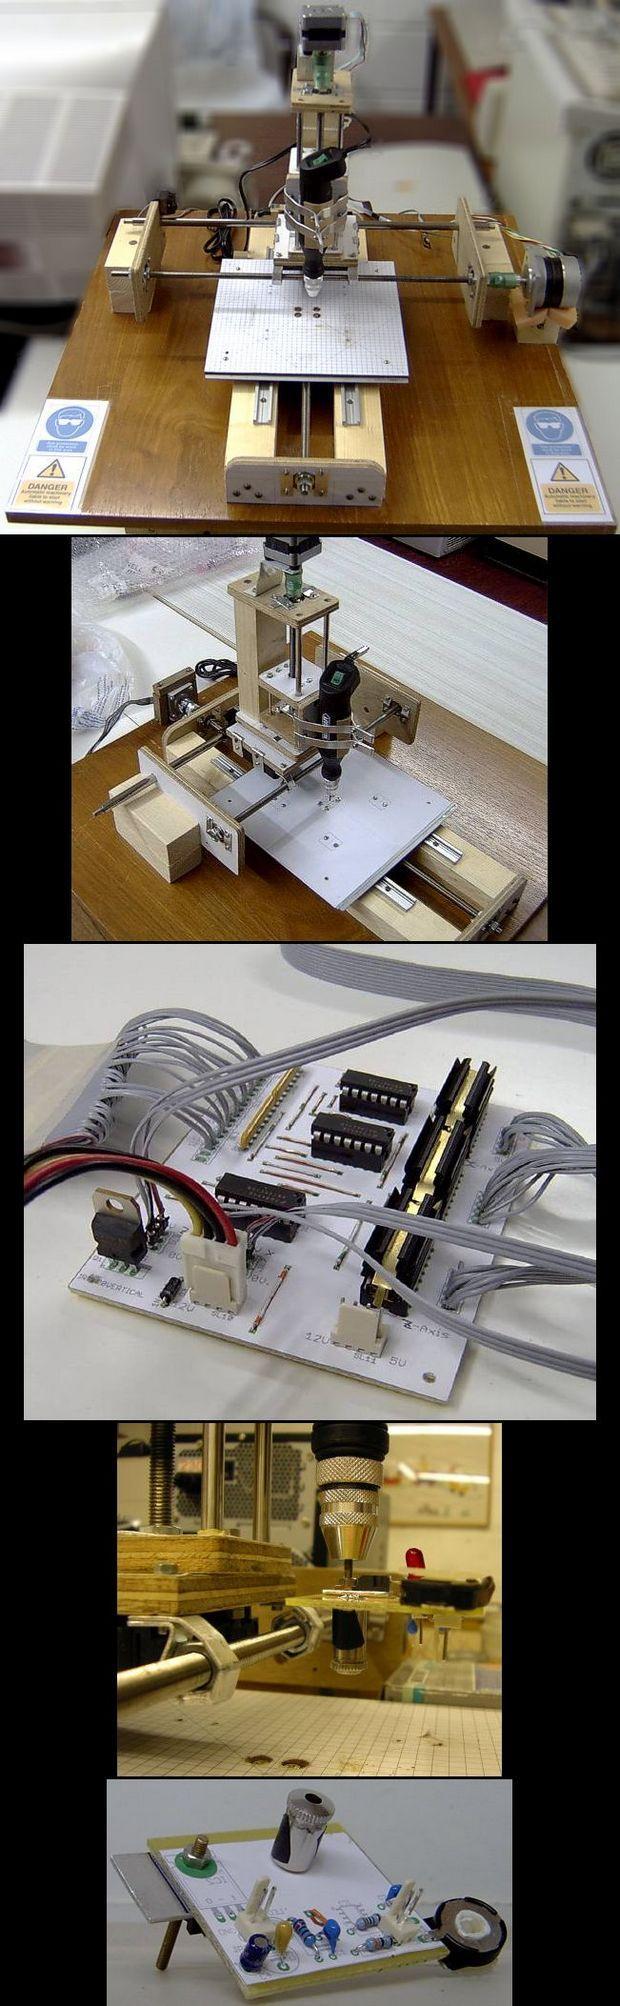 baski-devre-delme-cnc-drilling-machine-pcb-delme-cnc-lazer-lazer-stencil